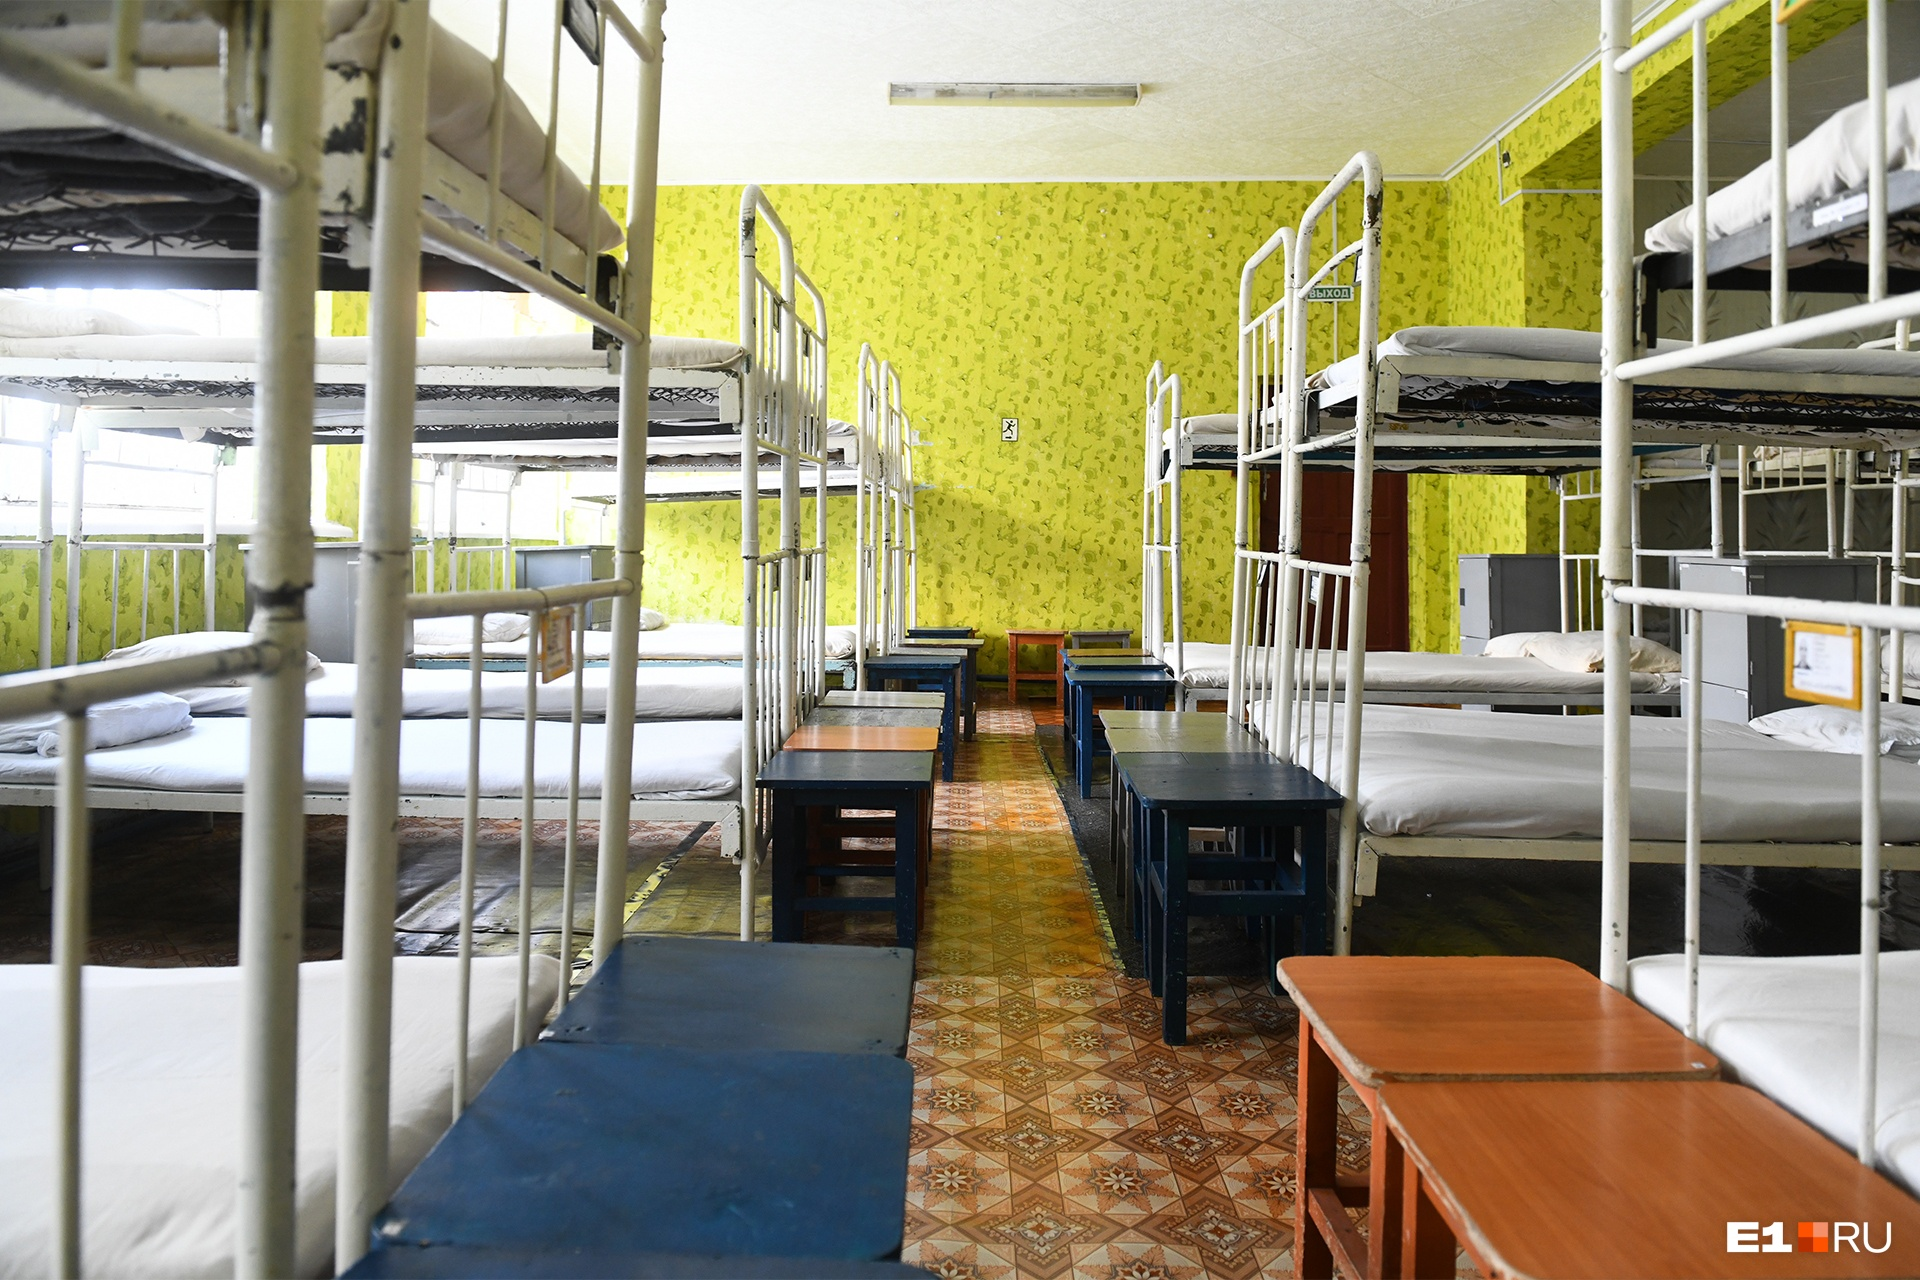 Спальные места, действительно, выглядят ухоженными